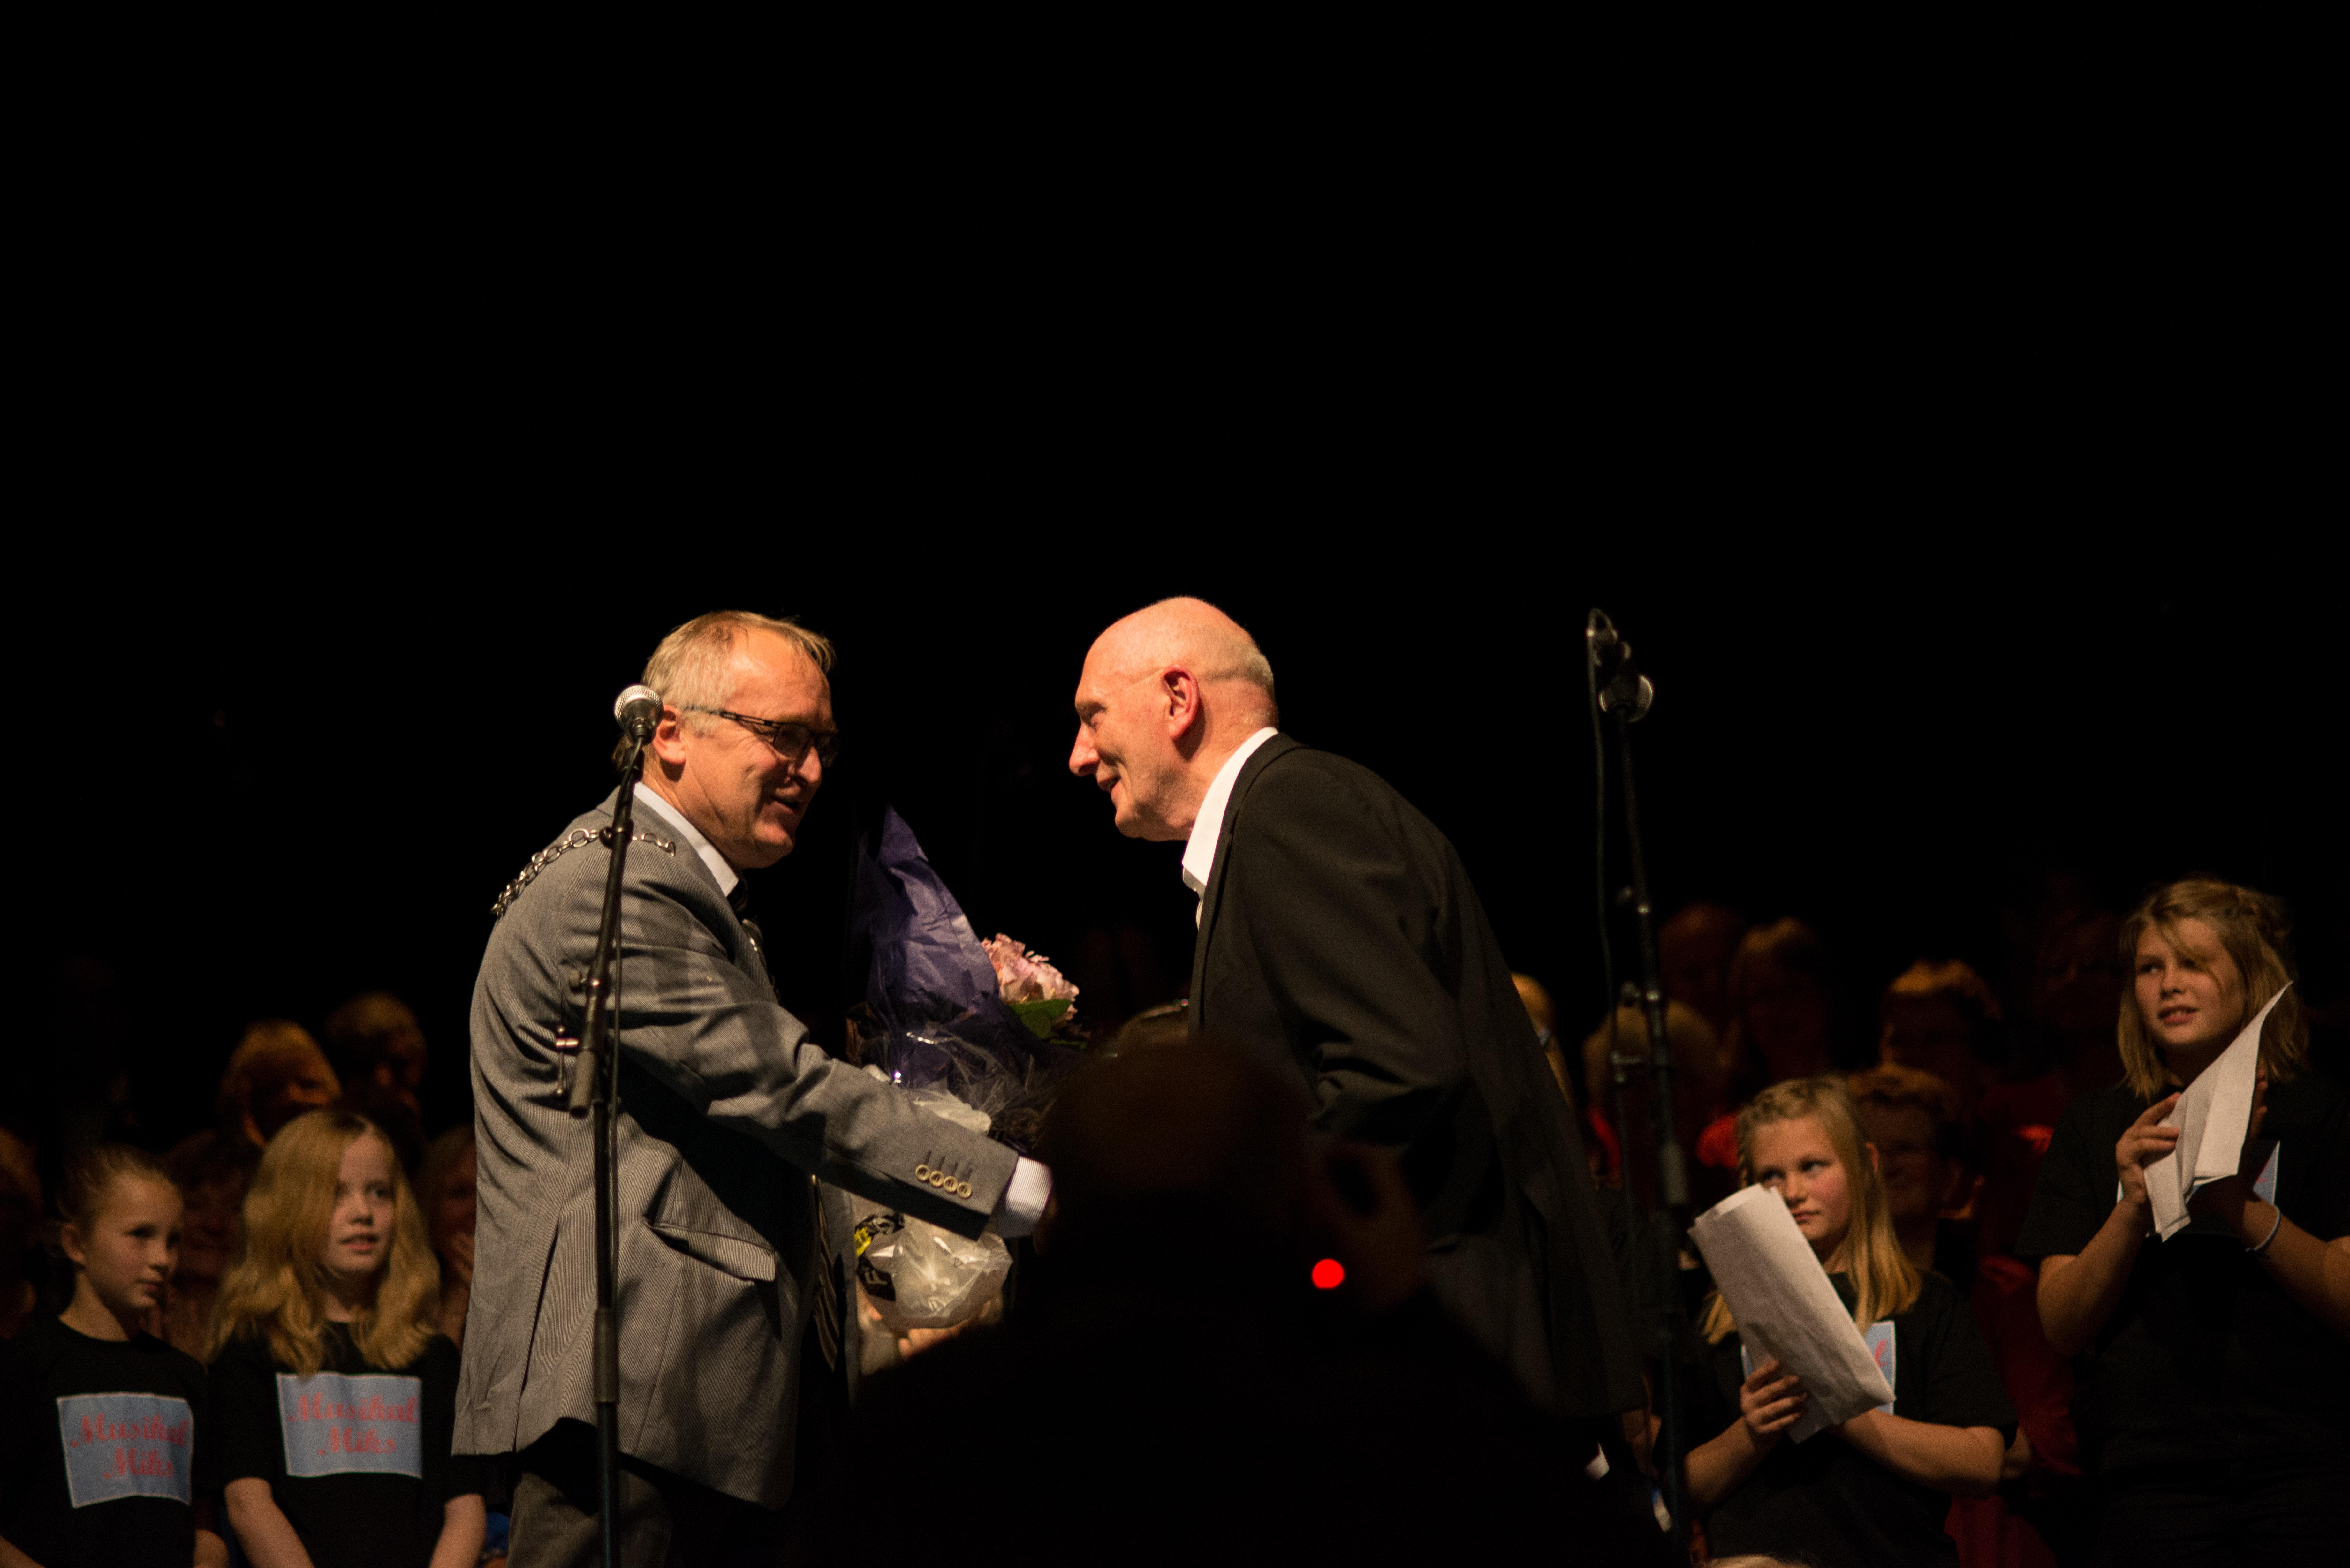 Bjarne får Frivillighetsprisen 2013- Foto: Sian O'Hara